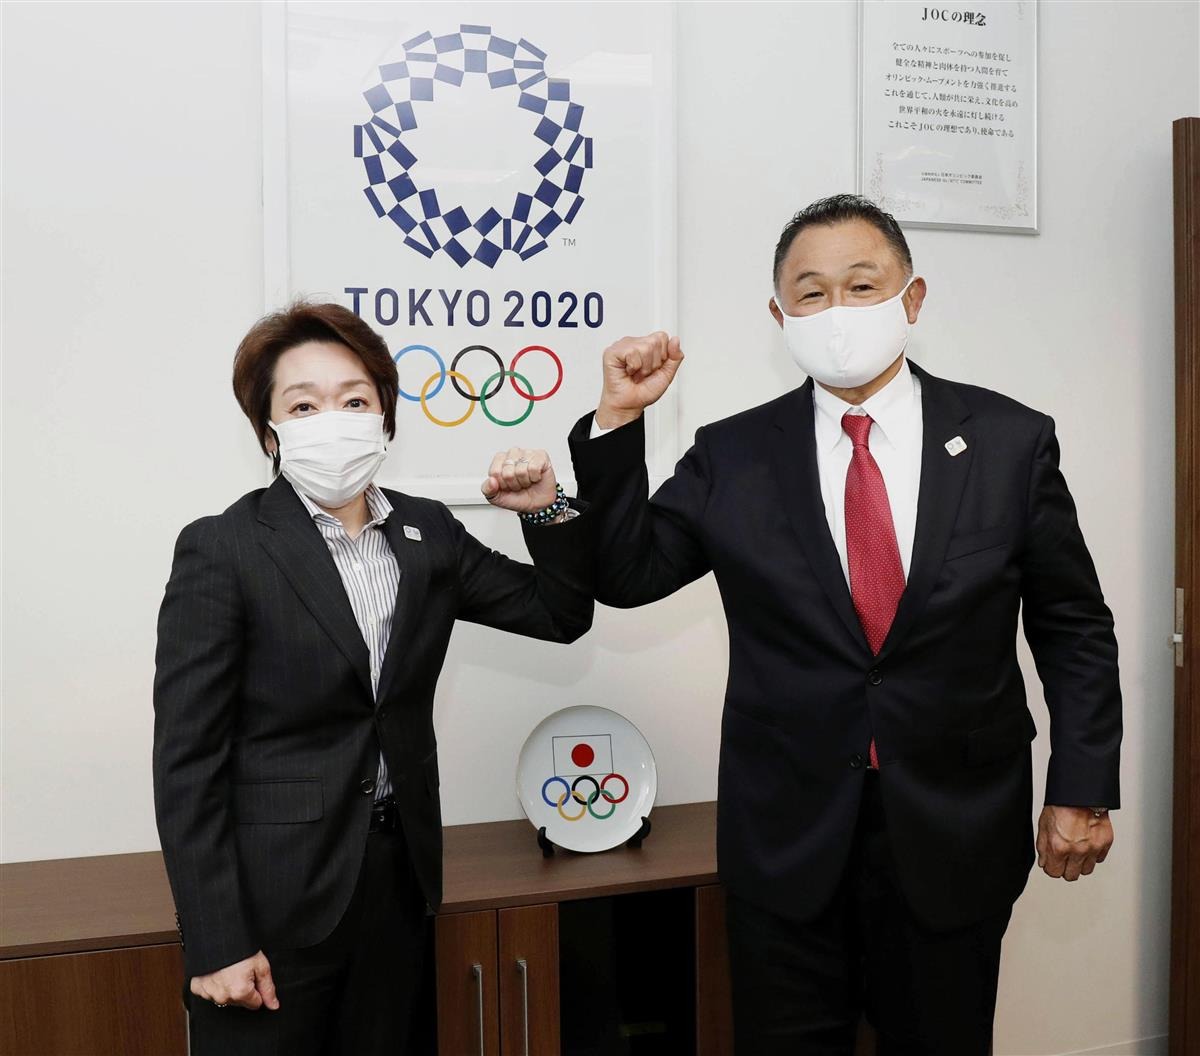 橋本組織委会長と山下JOC会長が面会 社会巻き込み差別撤廃を